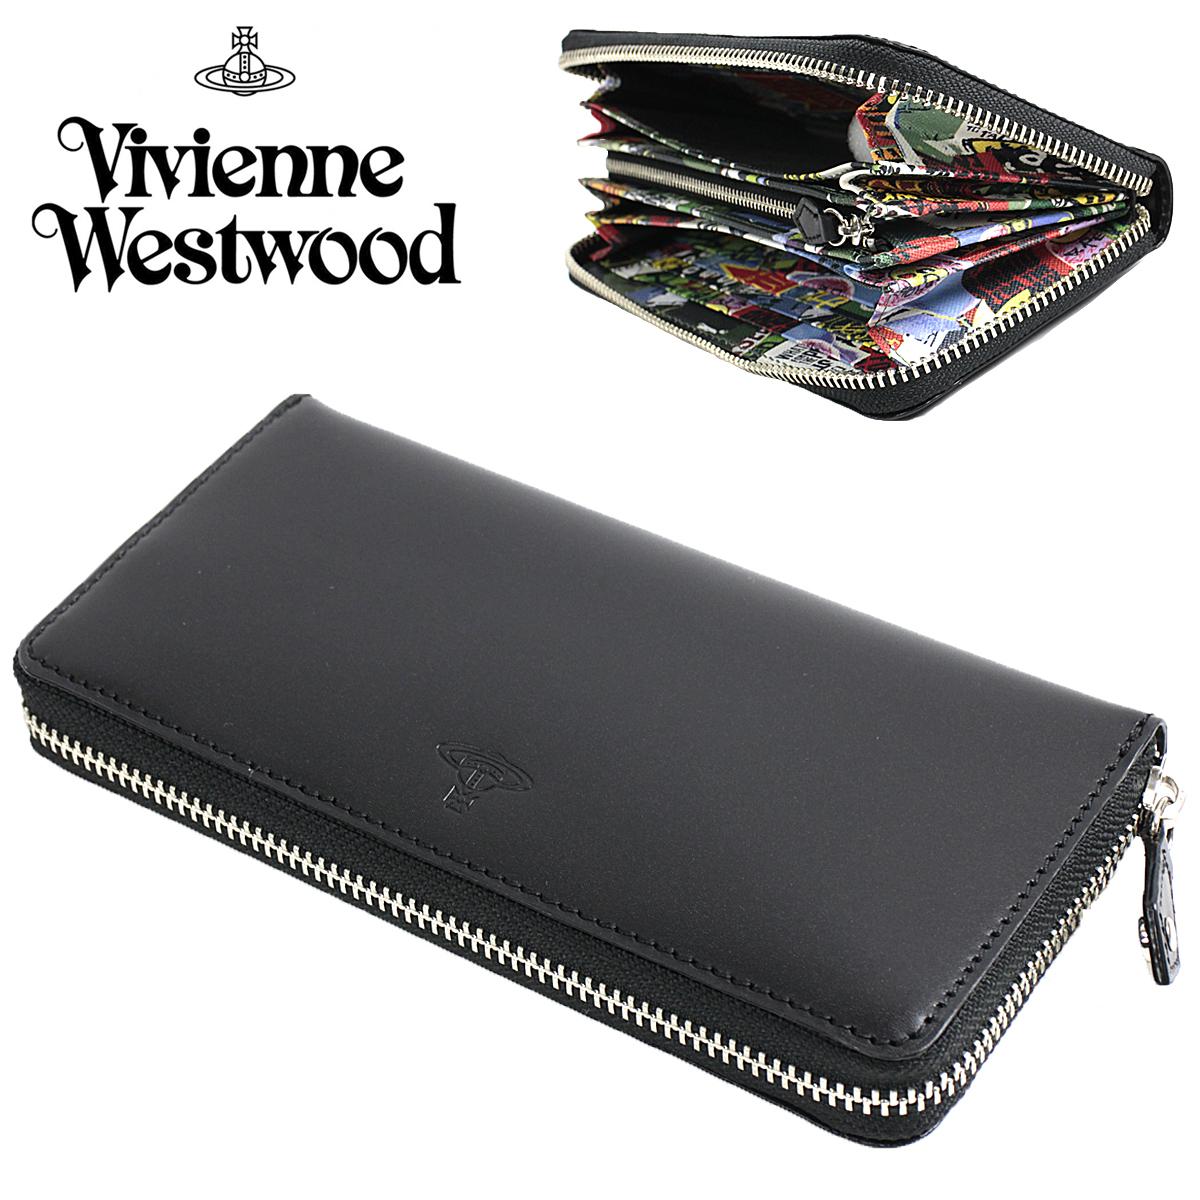 新品 ヴィヴィアン ウエストウッド メンズ 長財布 ラウンドウォレット Vivienne Westwood プロテスト オーブ ブラック 紳士 ◆VWK143-10